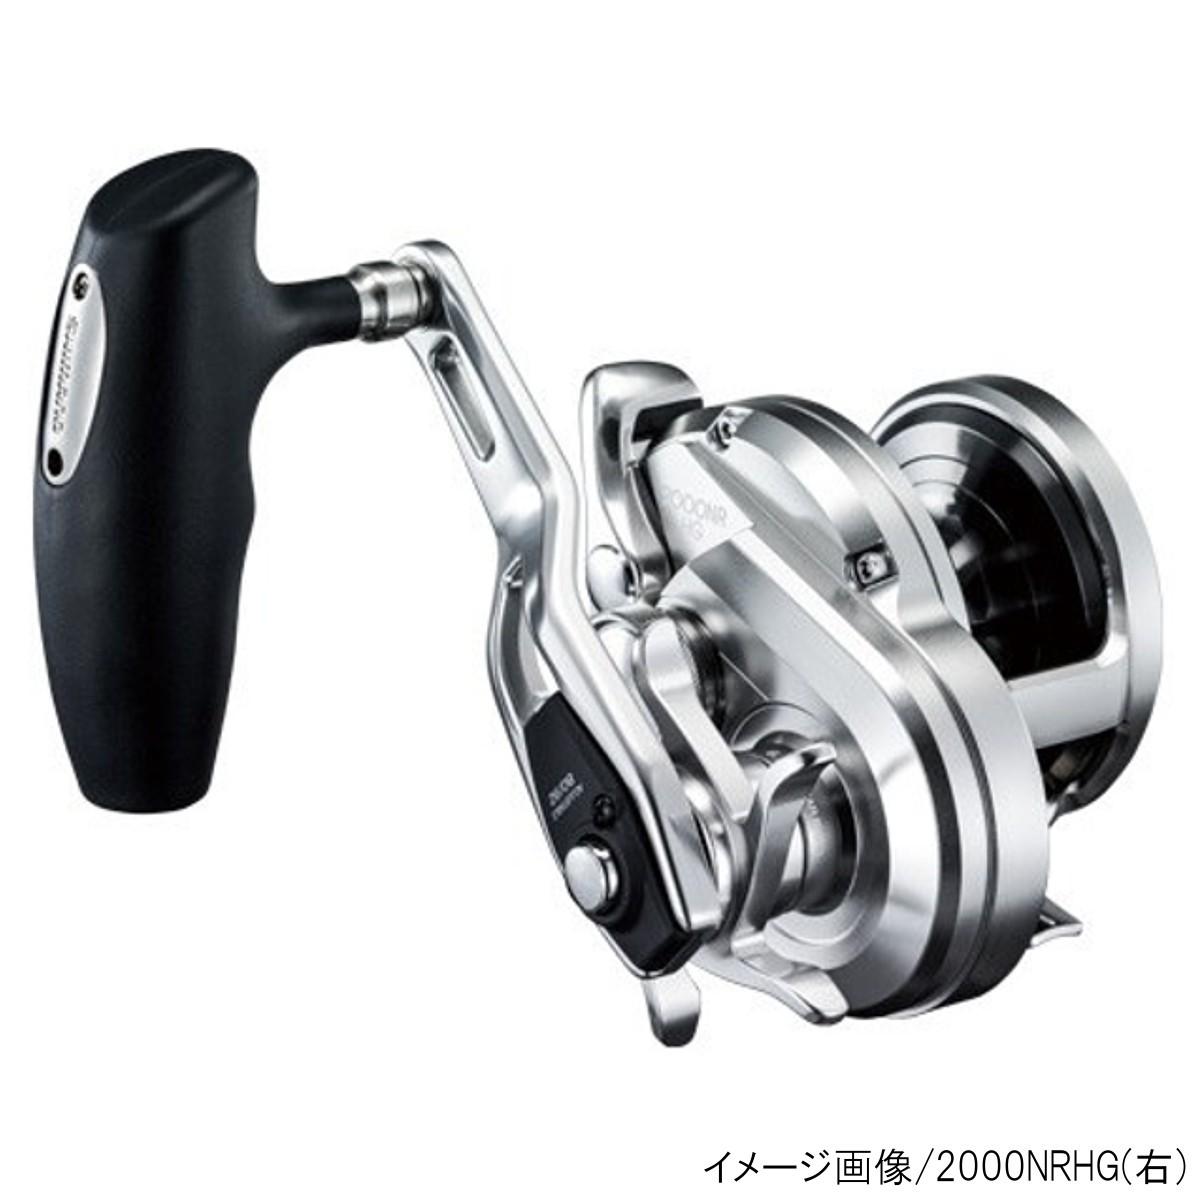 シマノ オシアジガー 2000NRPG(右)(東日本店)【同梱不可】